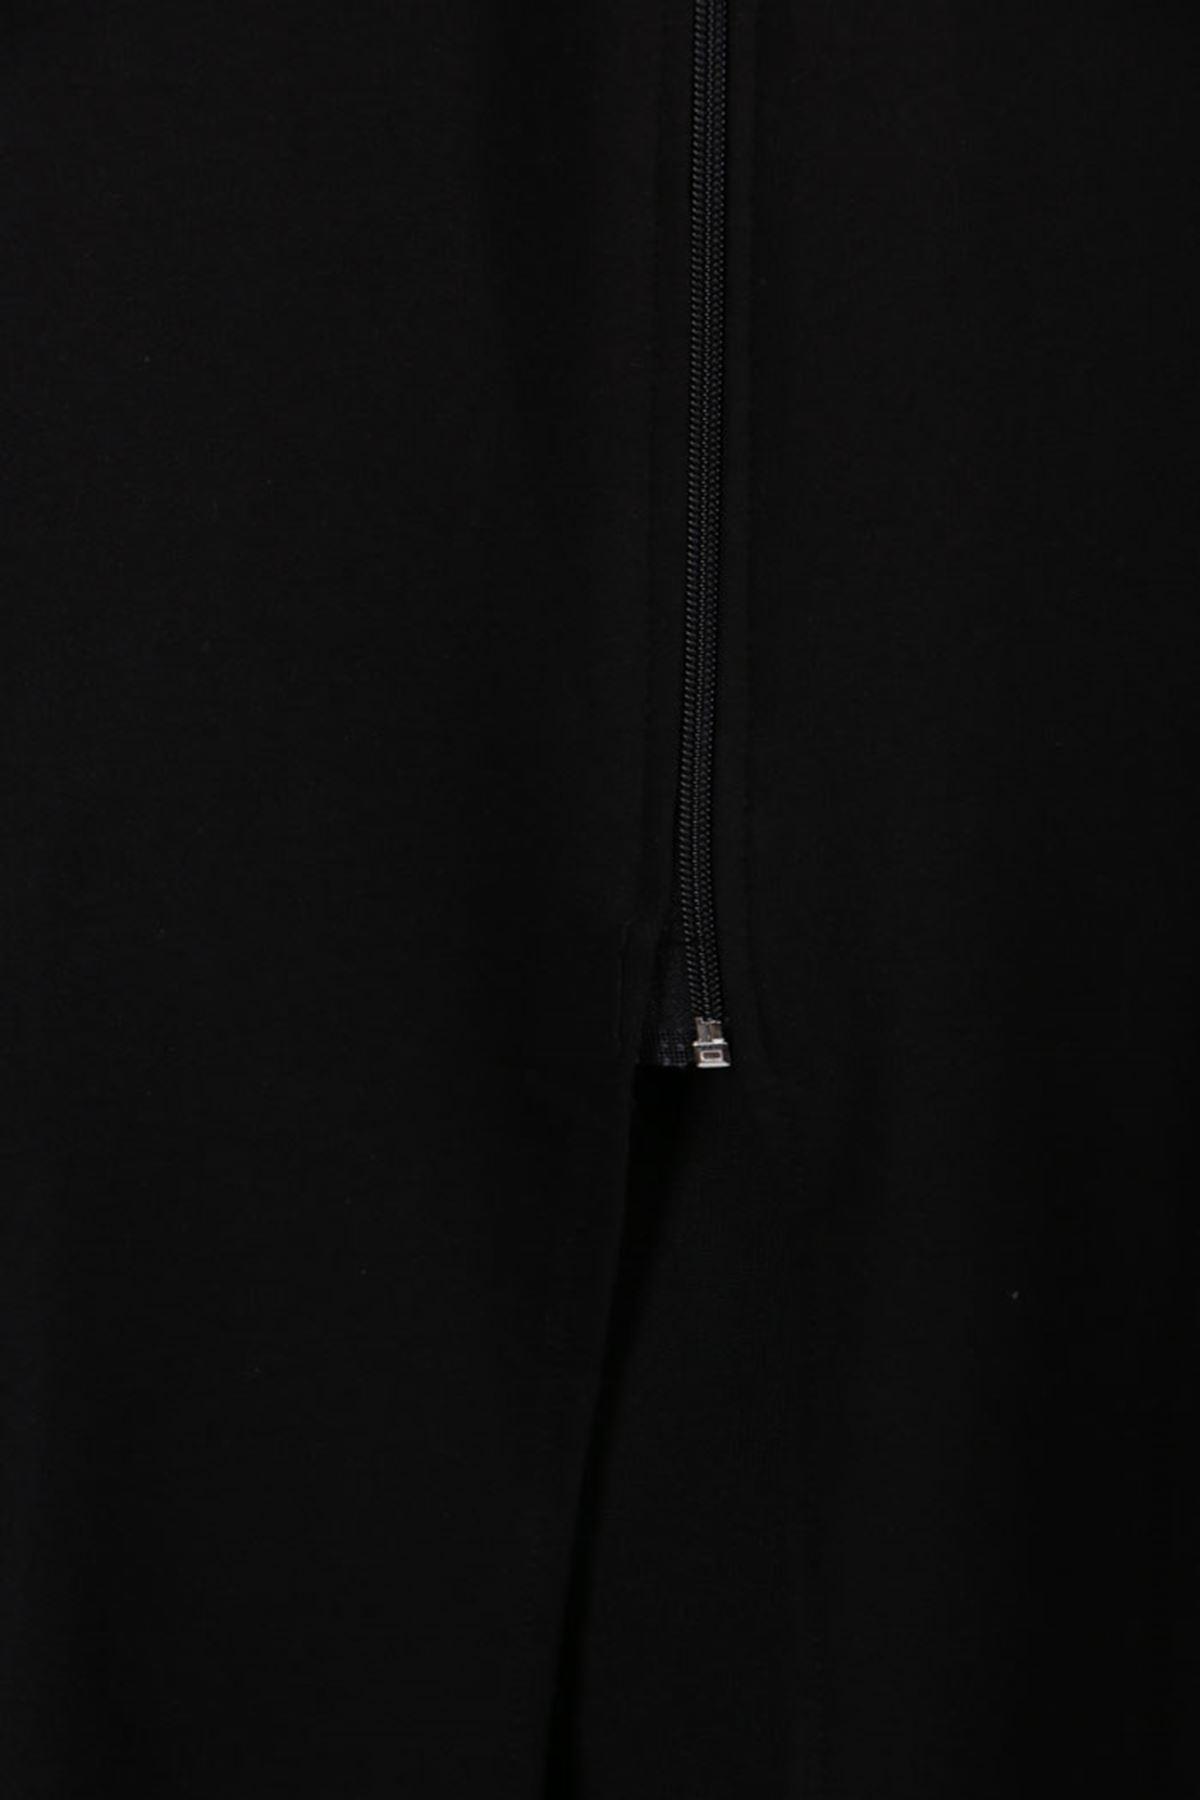 D-3149 Büyük Beden Defolu Biyeli İki İplik Kap Siyah-Saks